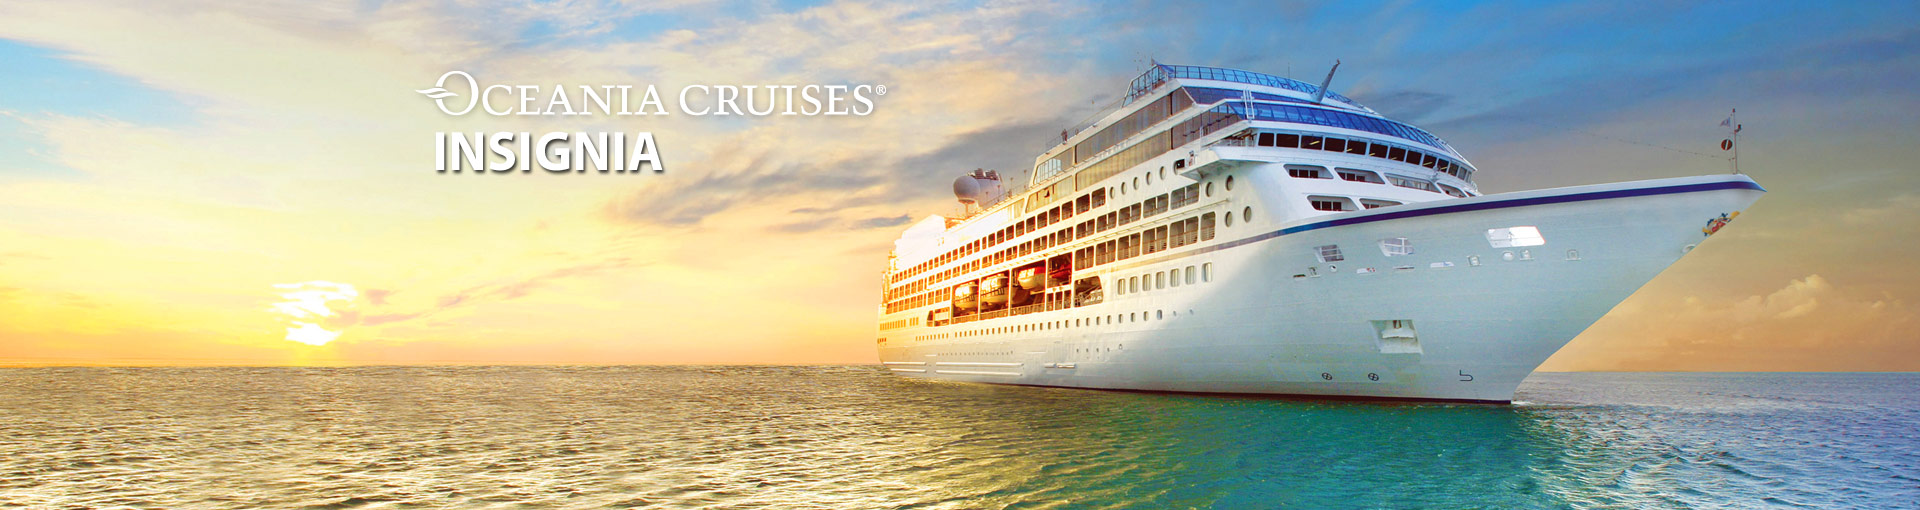 Oceania Insignia cruise ship